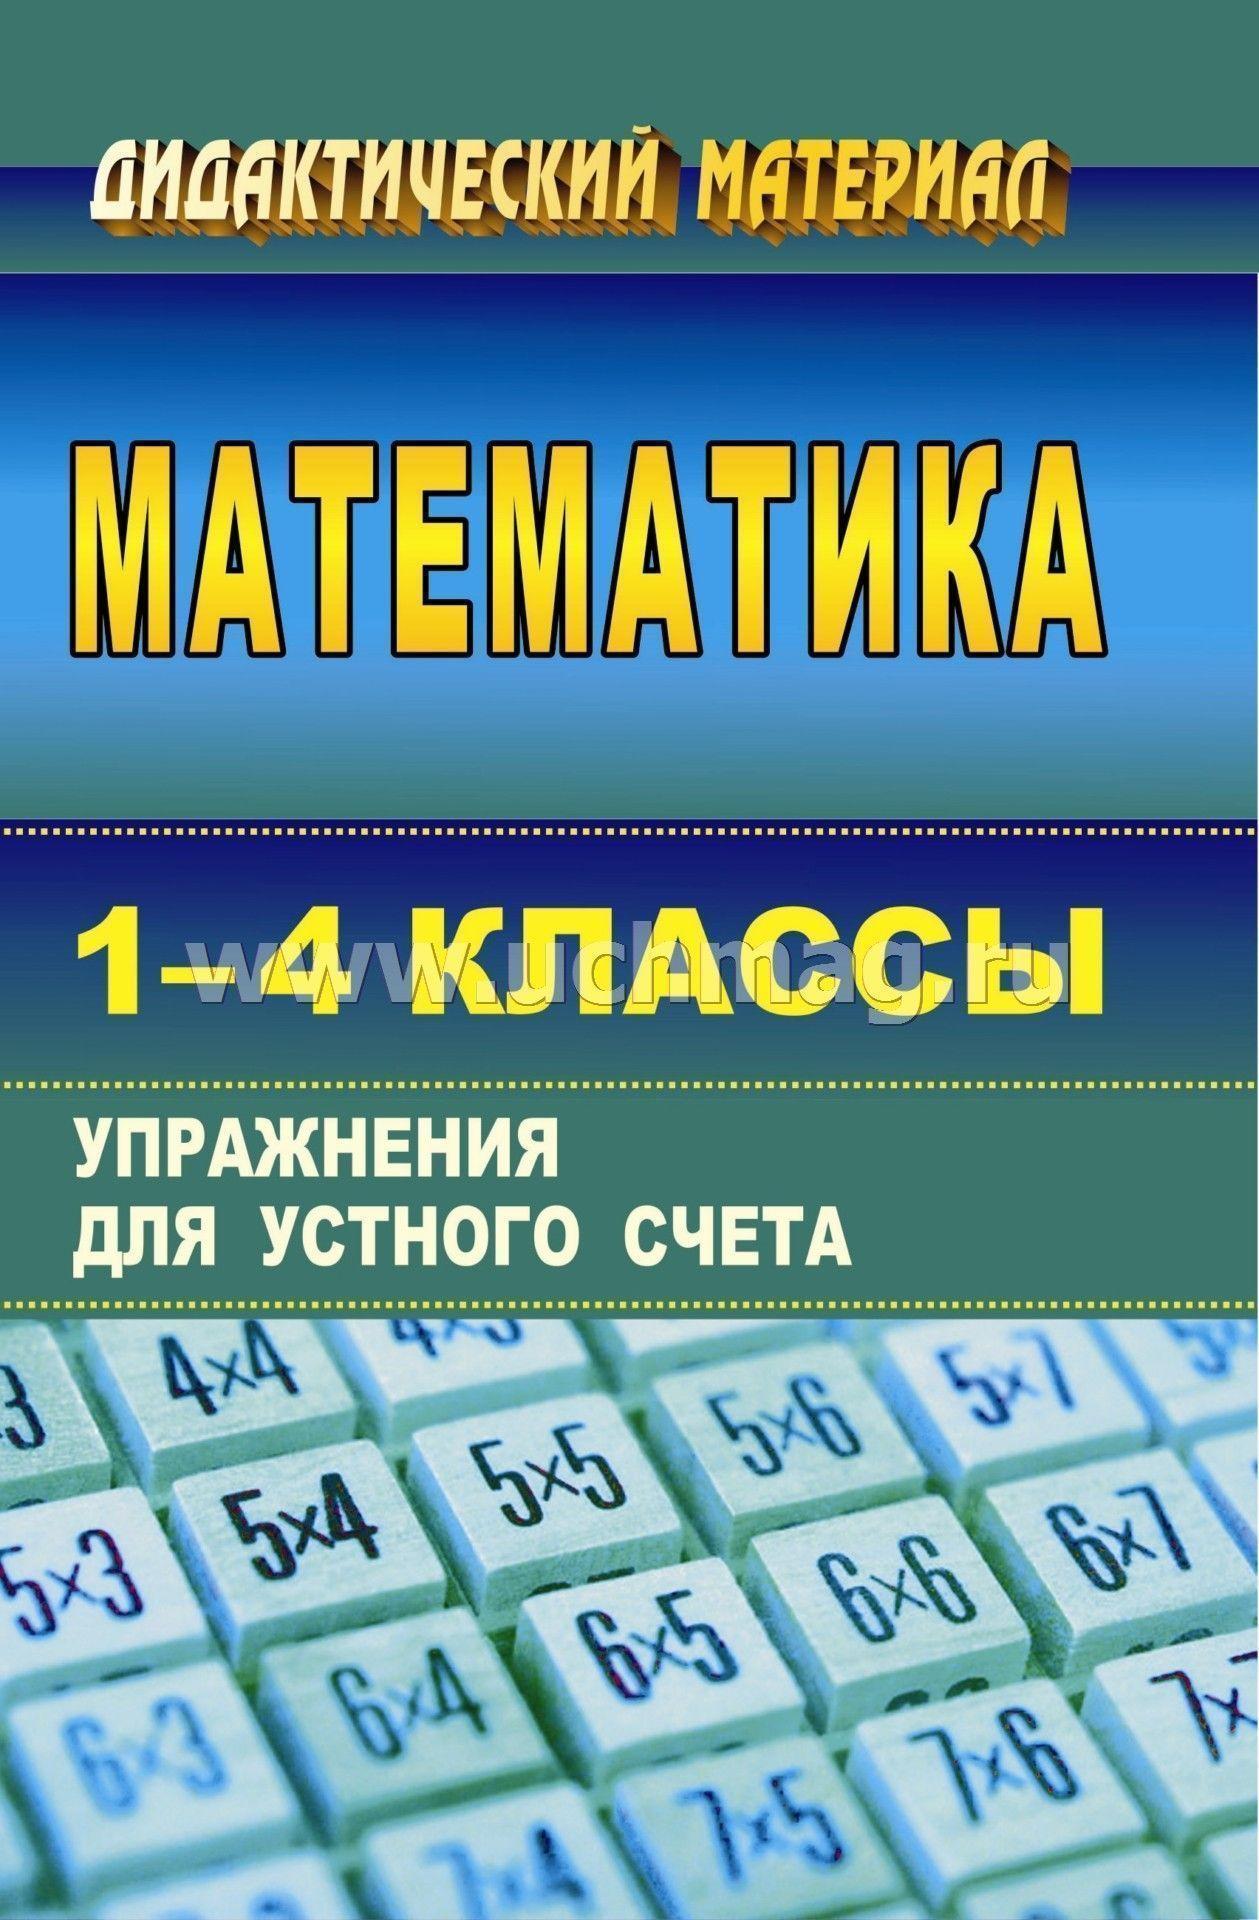 Разрезные карточки по математике для устного счета 1 класс